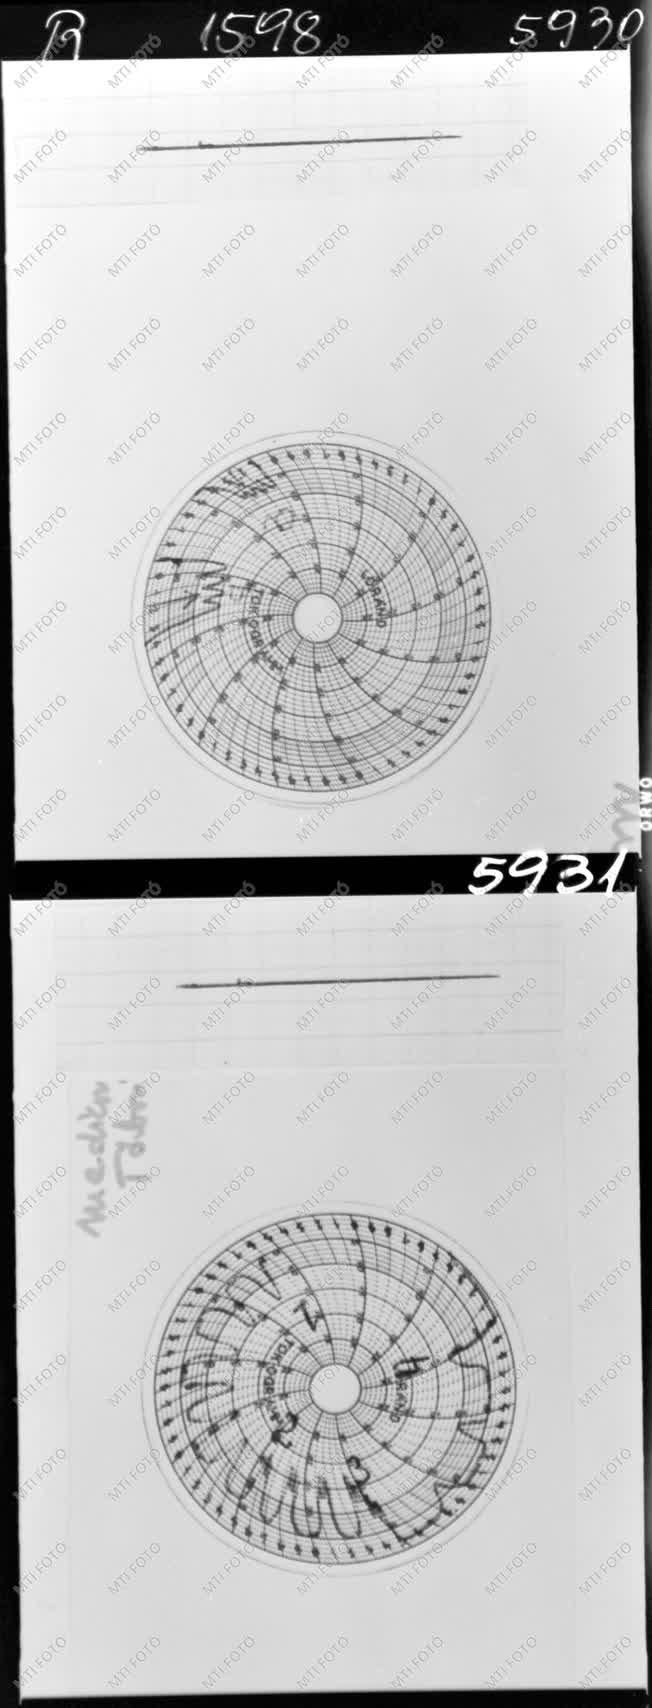 MEDICOR Művek - Tokograph számokkal